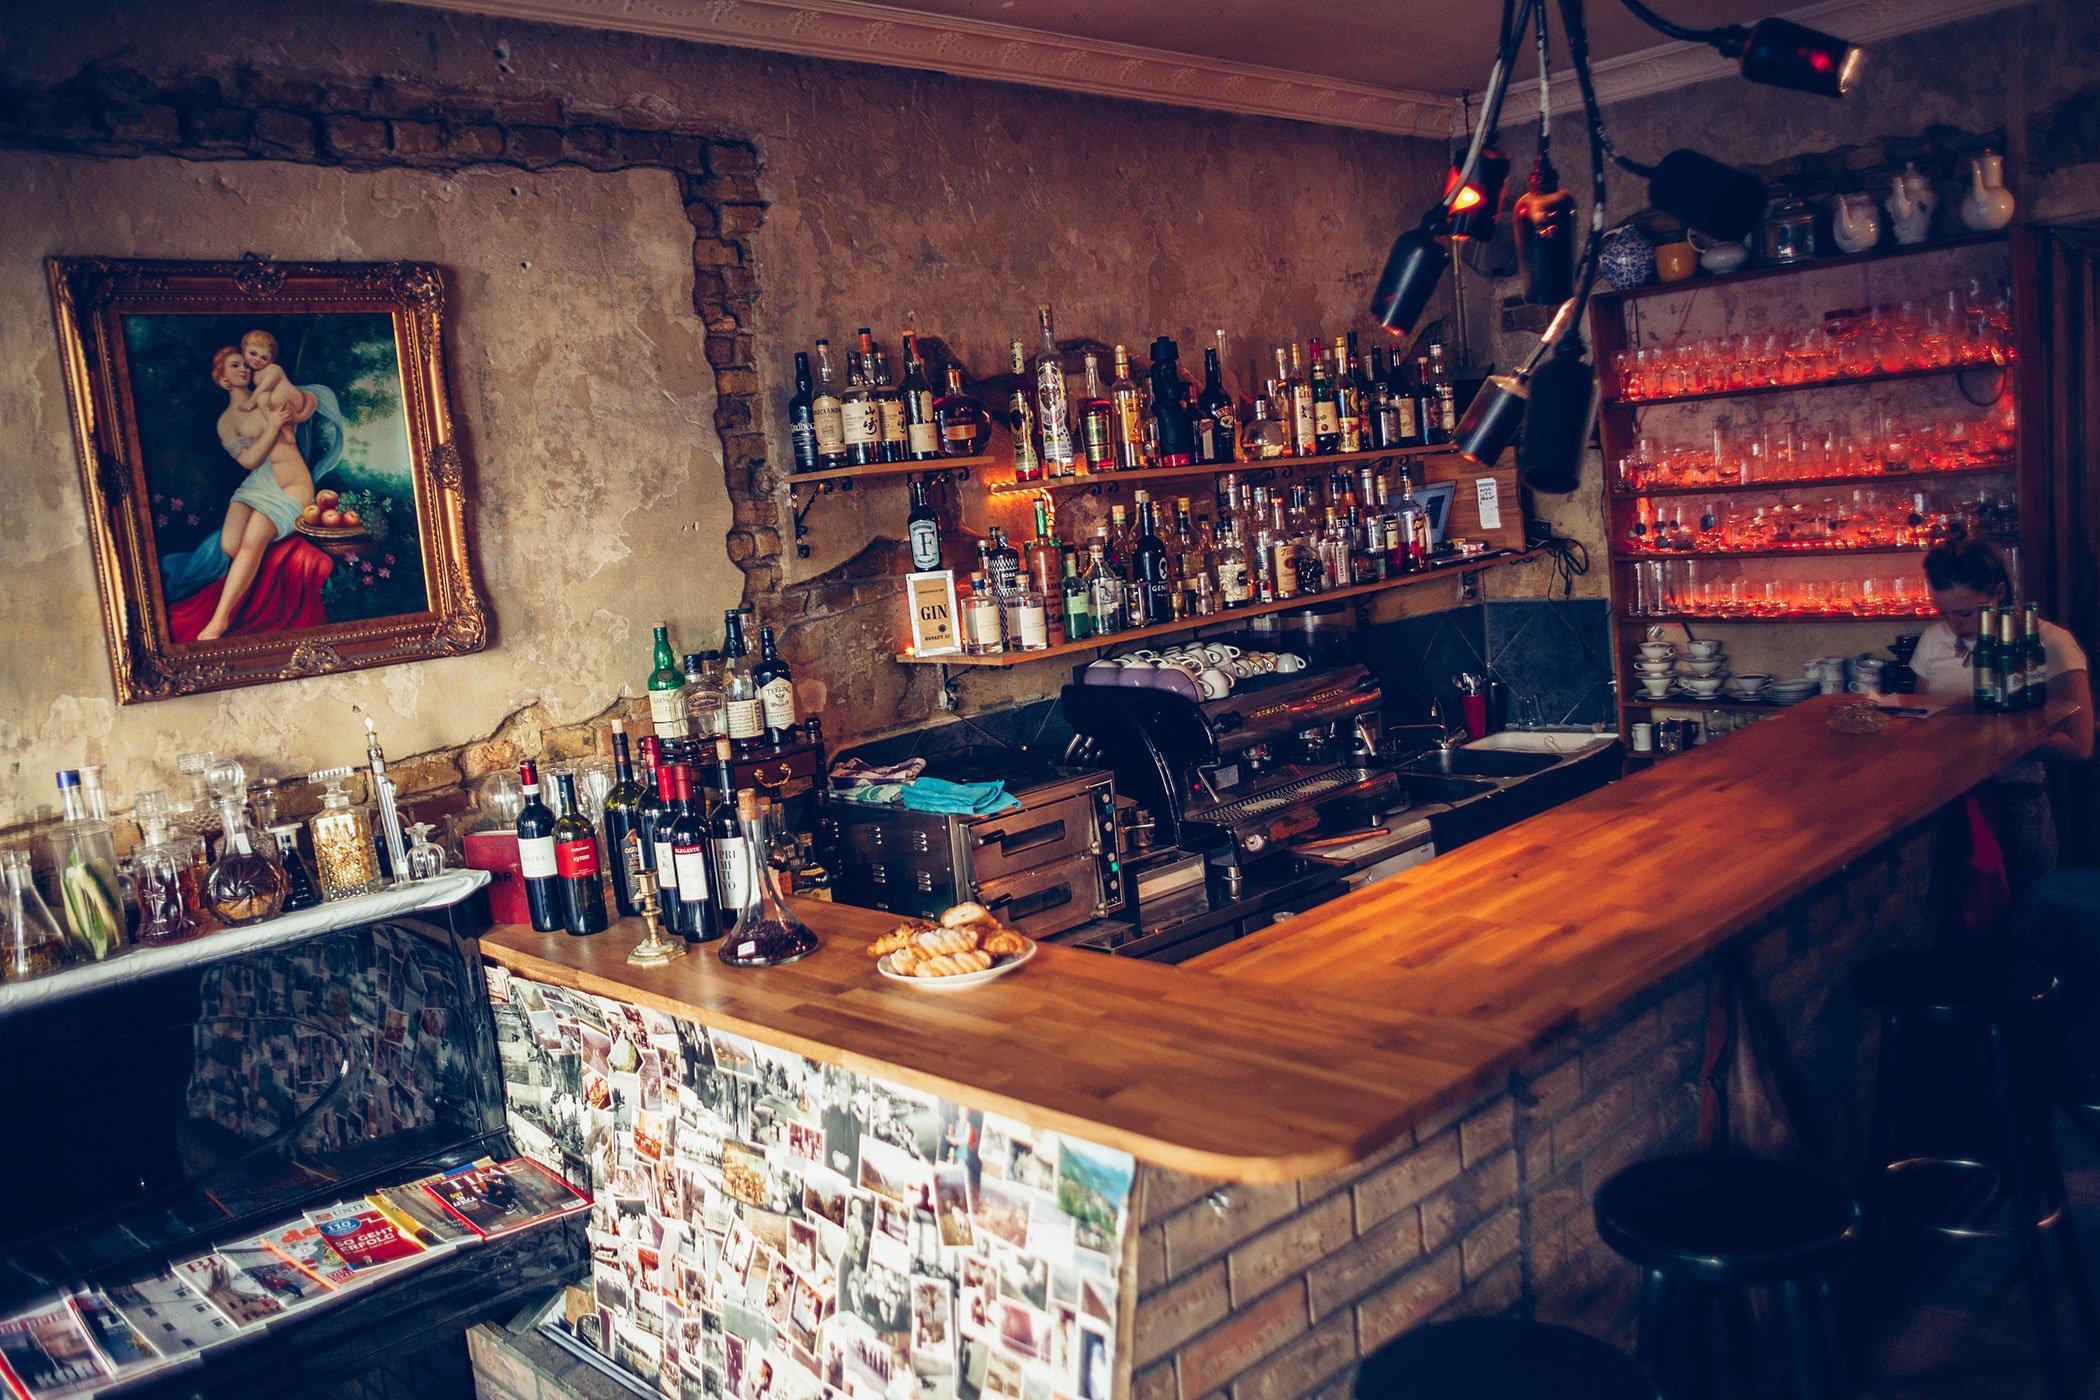 mikuta at bruch bar in neukölln